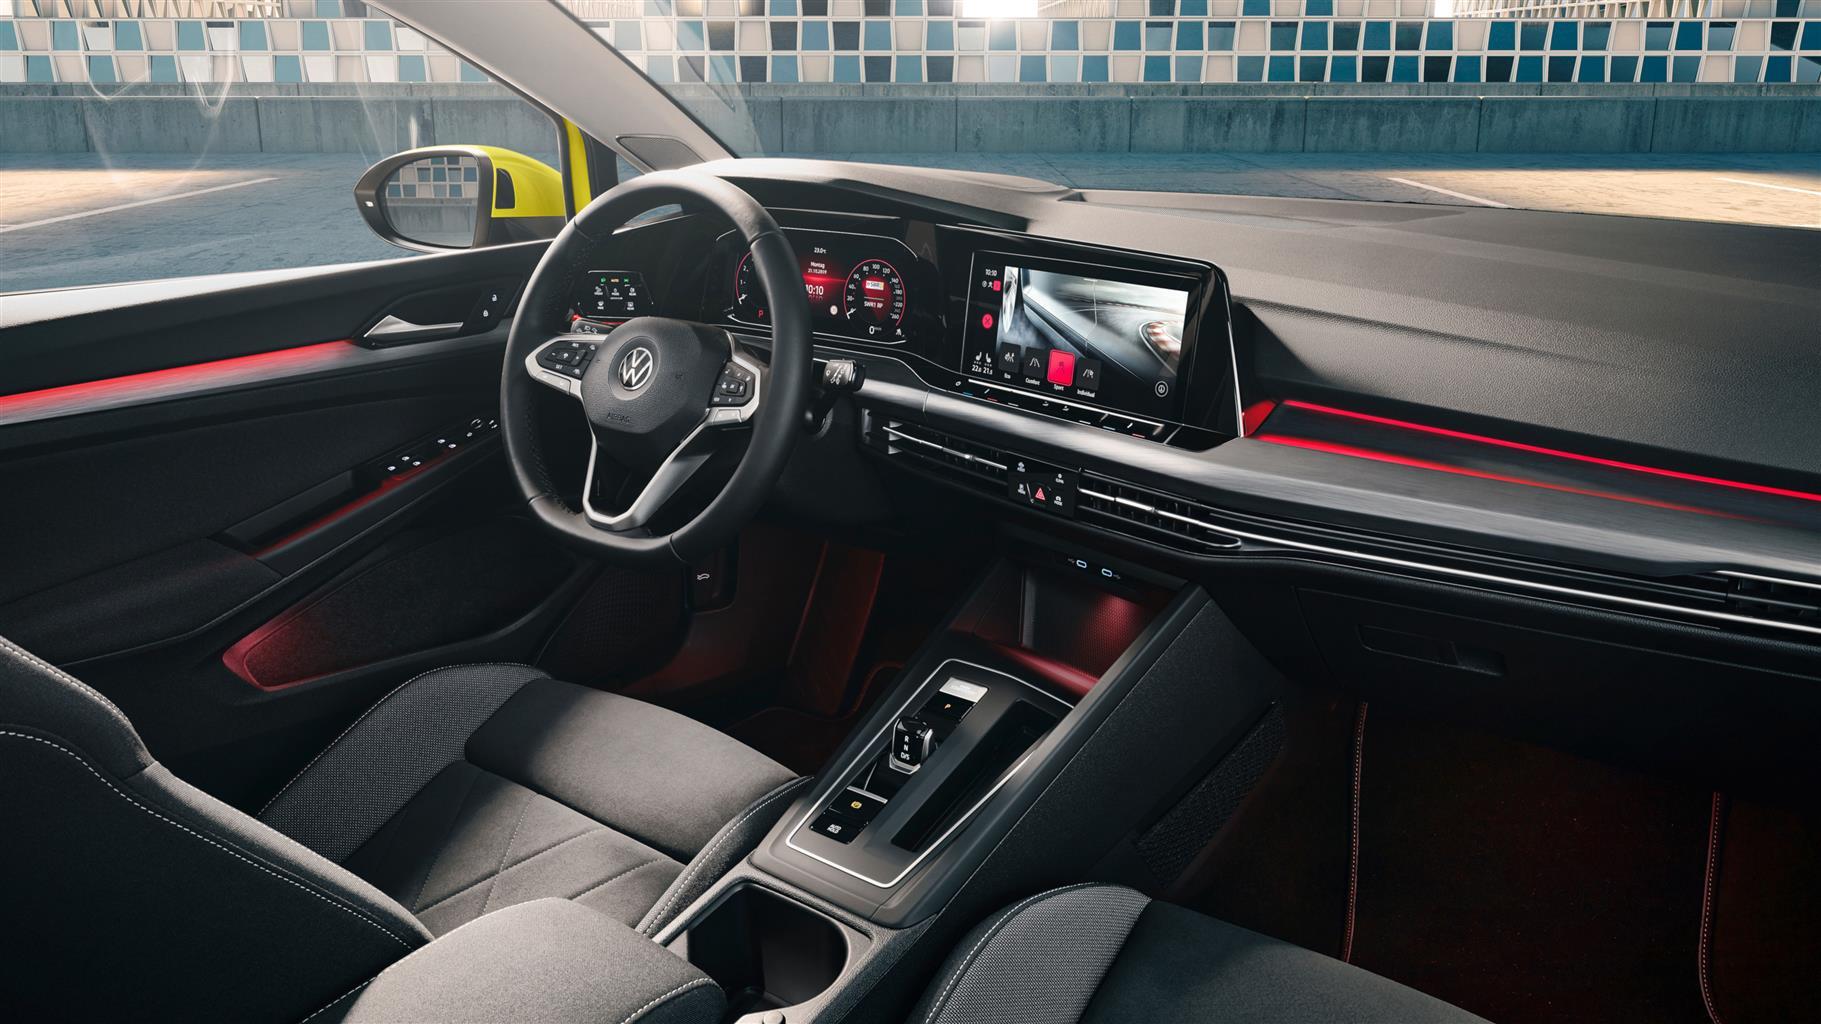 Volkswagen Golf 8 - Più innovativa che mai 2